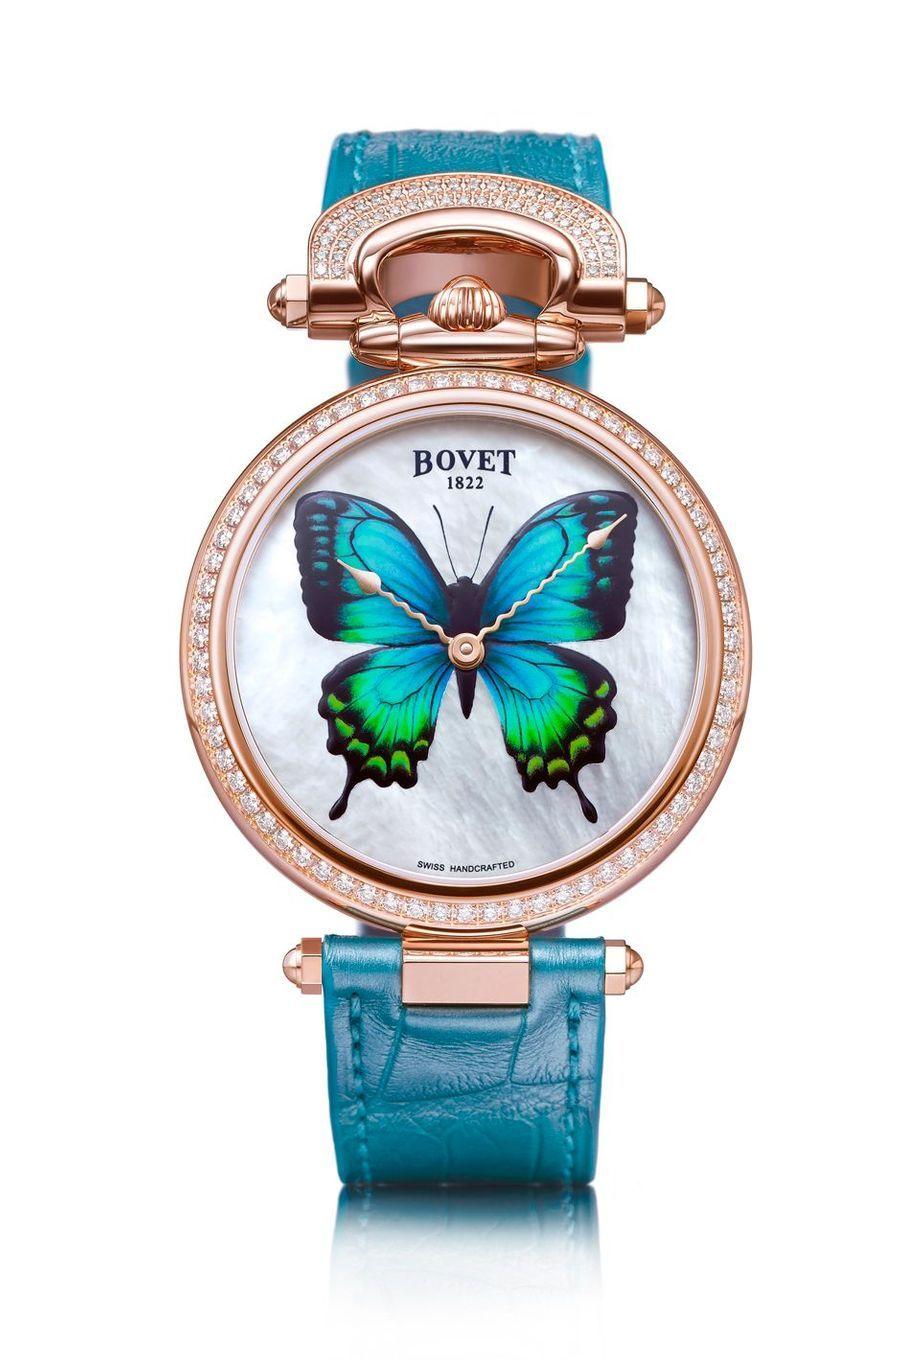 Château de Motiers Butterfly en or rouge, lunette et attache serties de diamants, 40 mm de diamètre, cadran en peinture miniature luminescente représentant un papillon, mouvement automatique, bracelet en alligator. 143 000 €. Bovet.